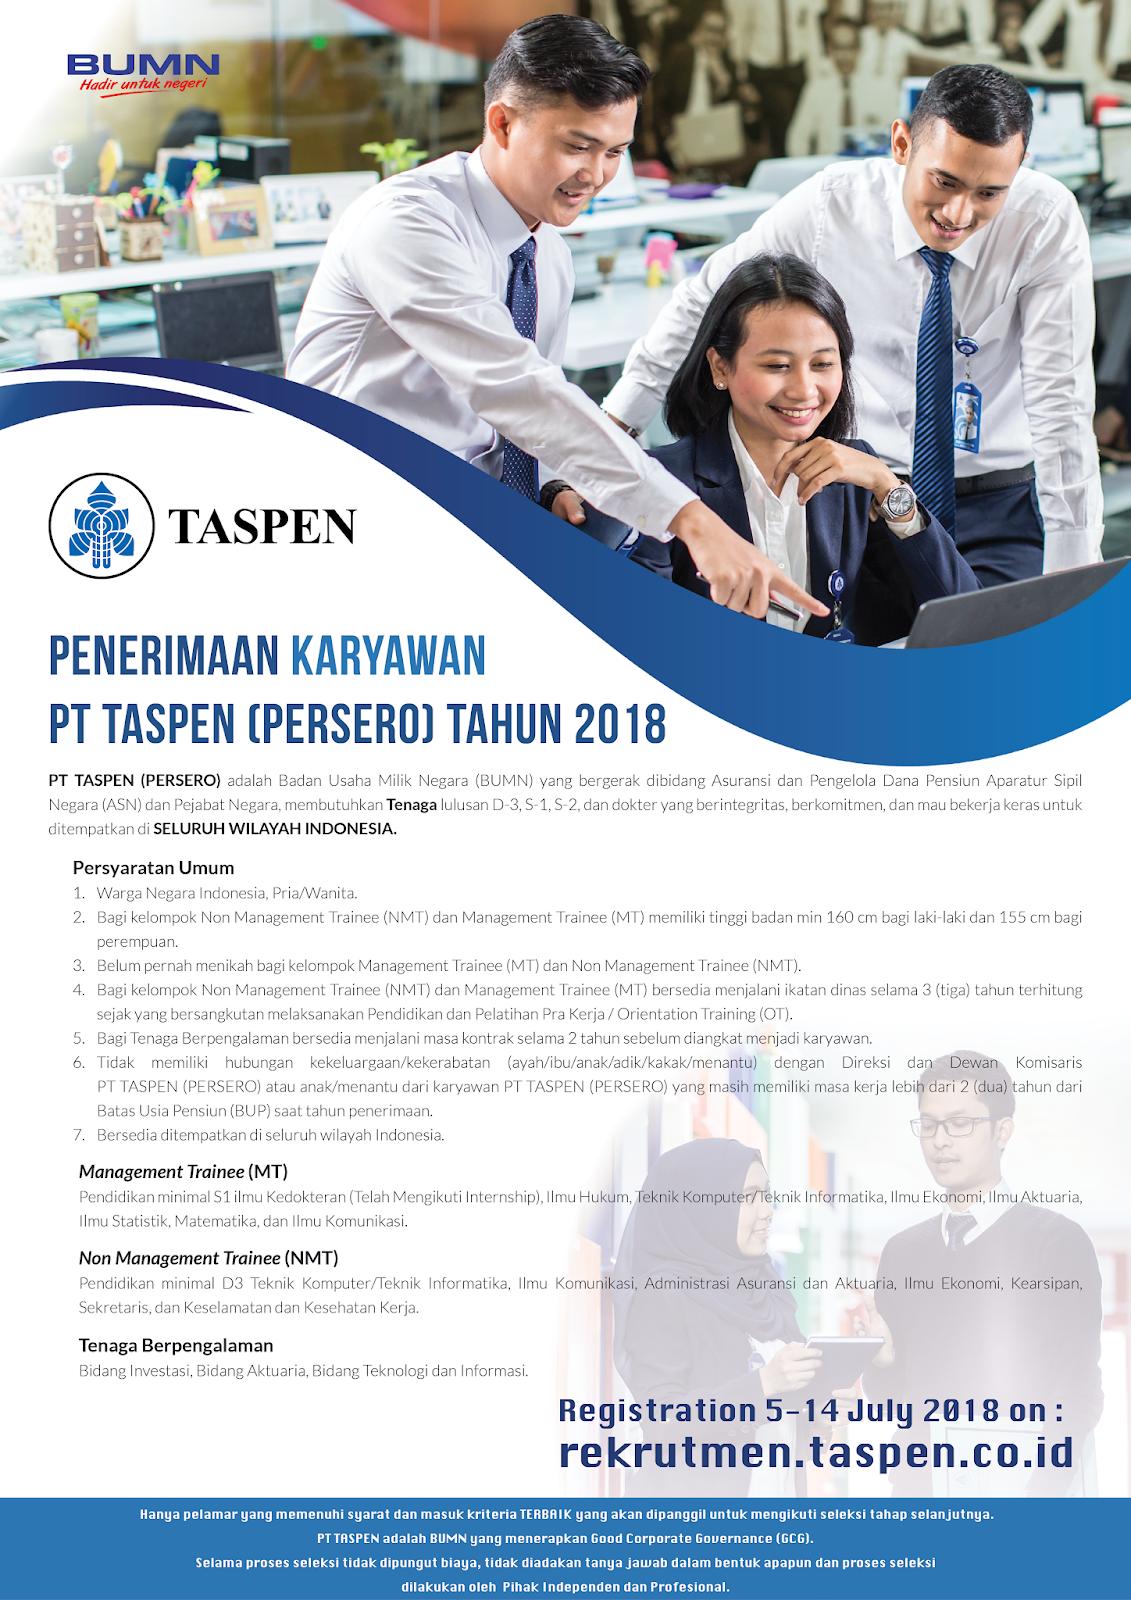 Lowongan Kerja Pt Taspen Persero Terbaru Tahun 2018 Rekrutmen Dan Lowongan Kerja Bulan Februari 2021